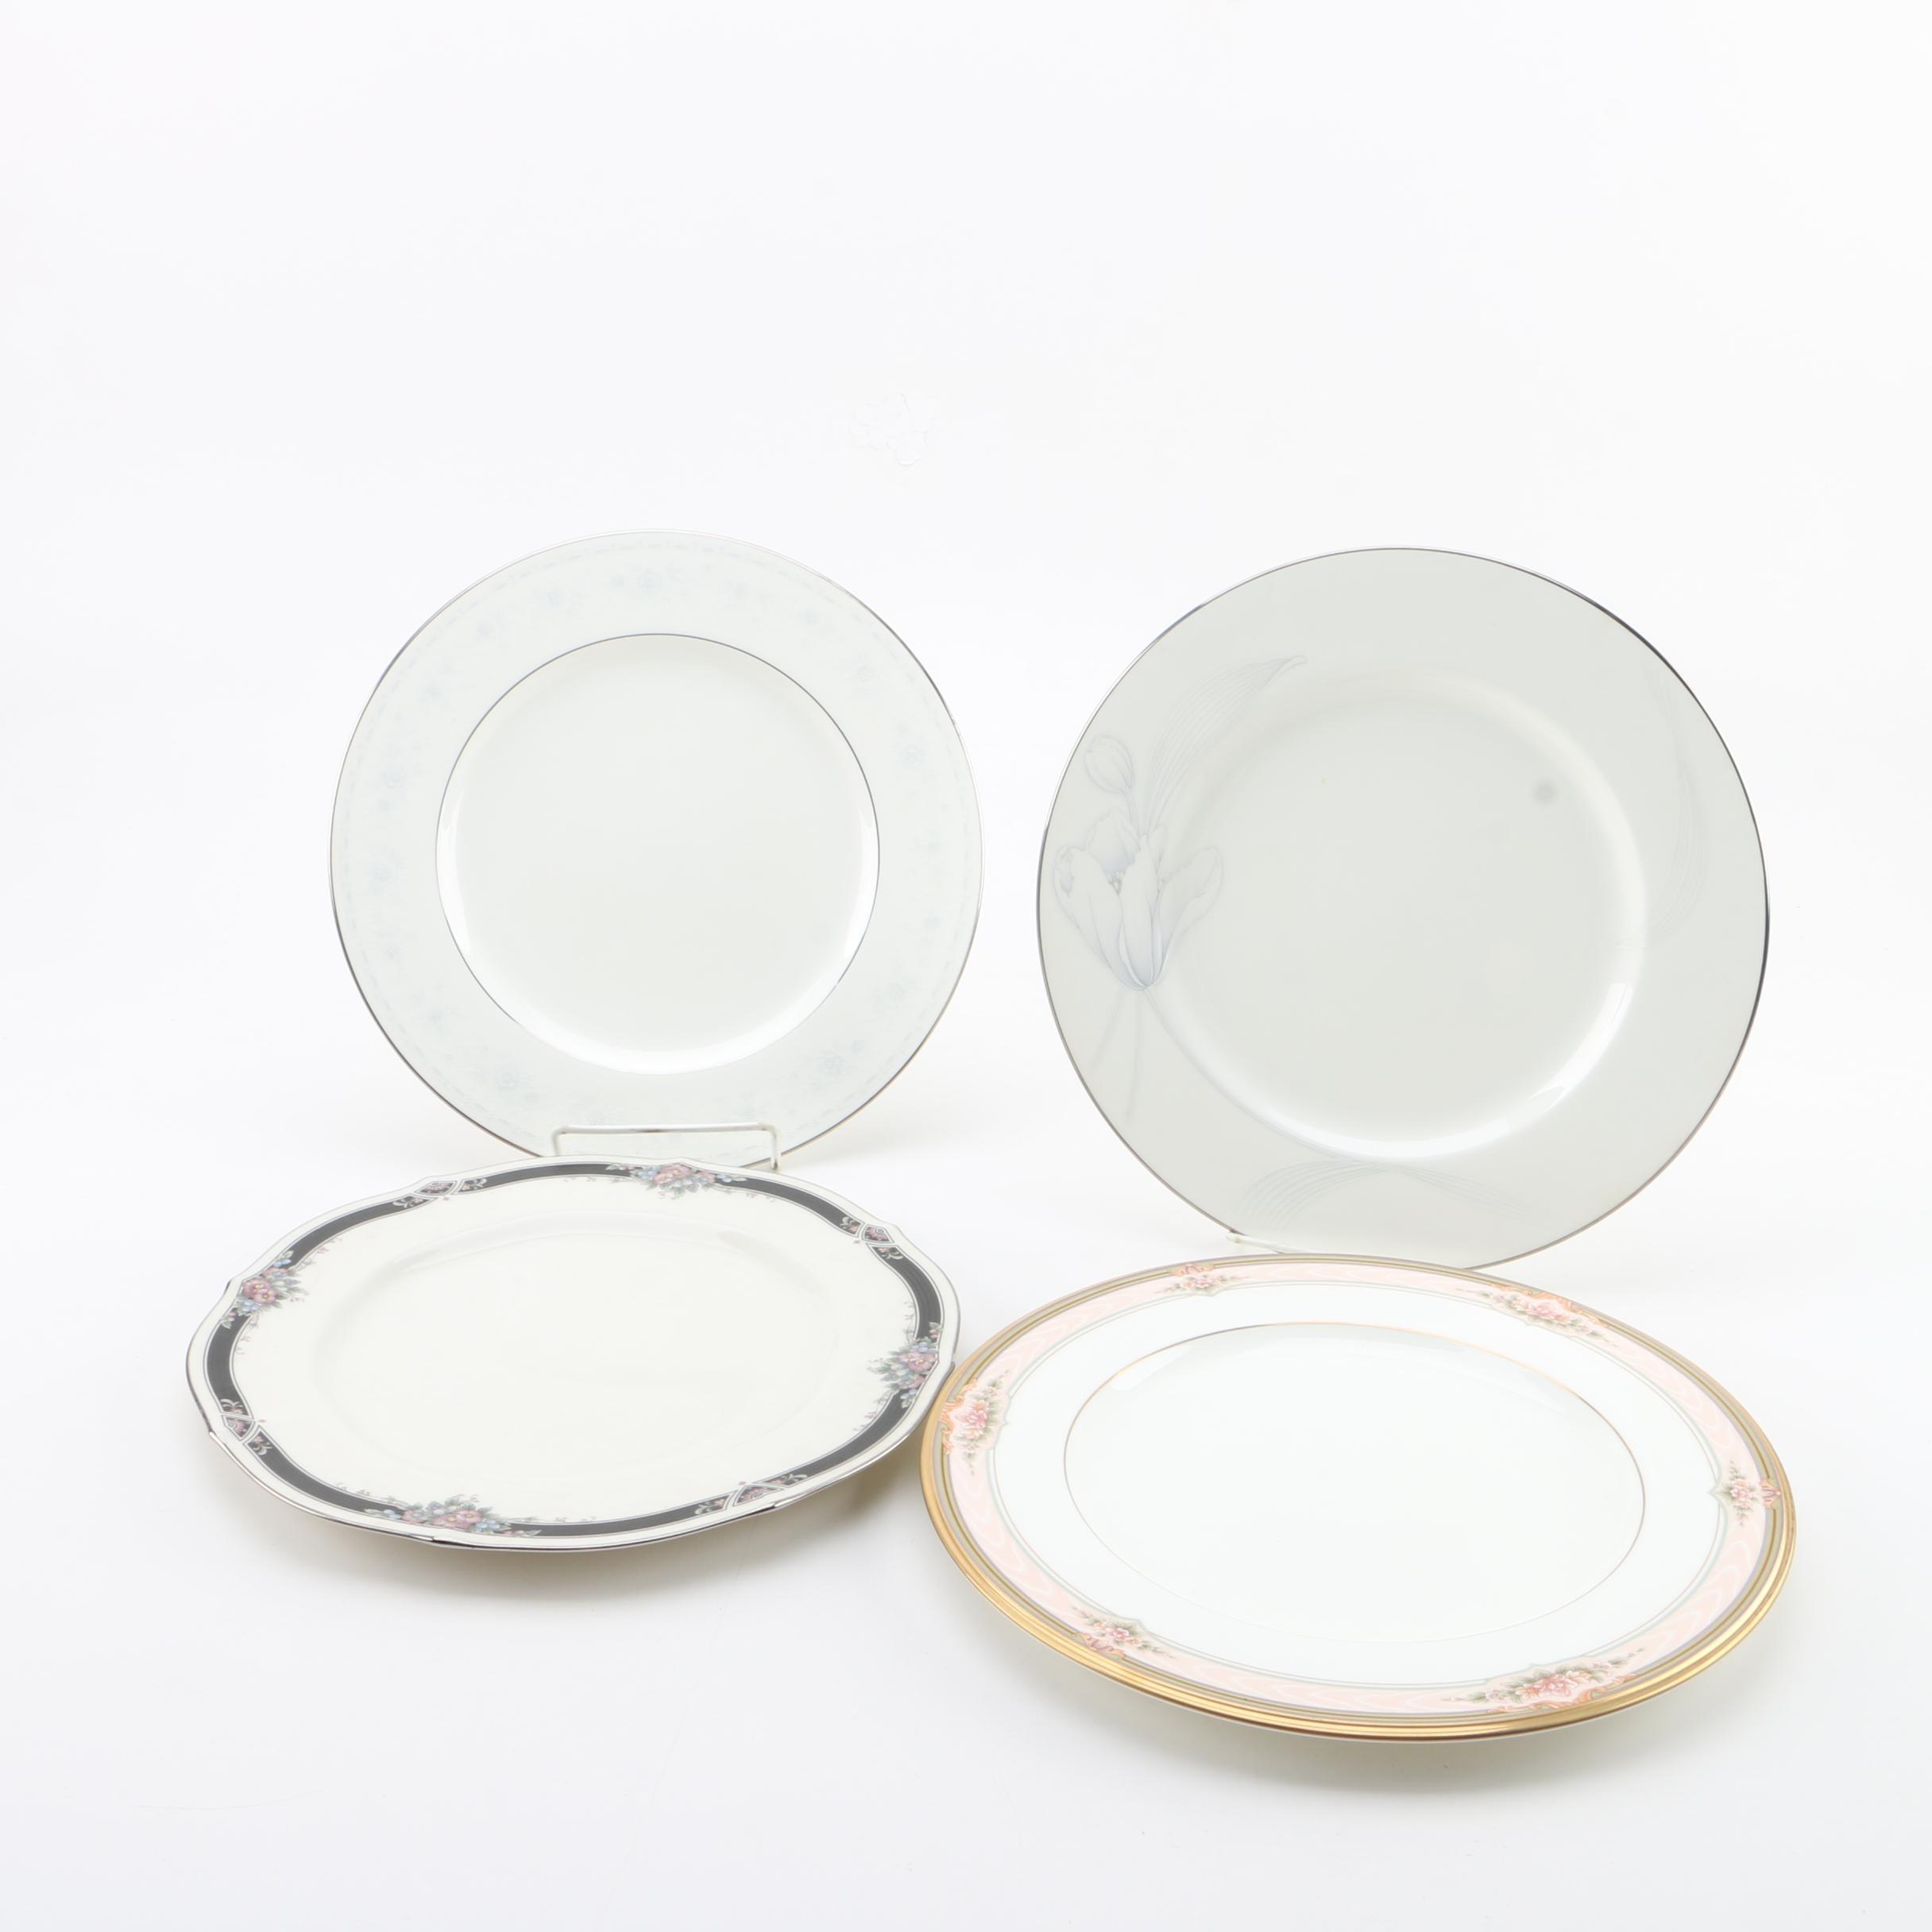 """Noritake Porcelain Plates Featuring """"Dreamspun"""""""